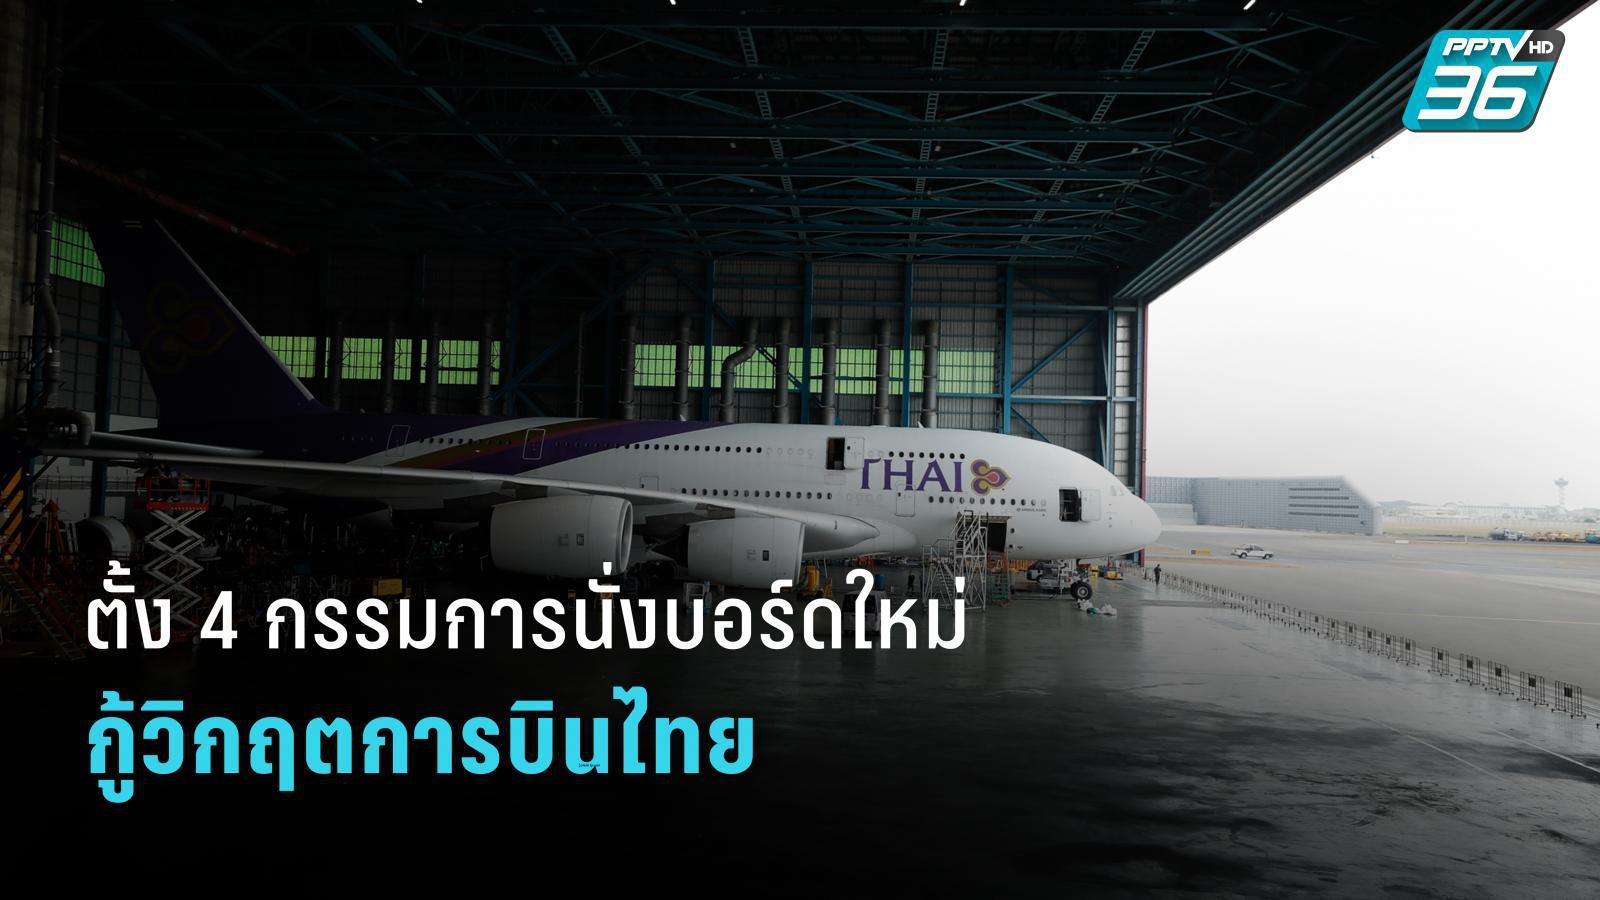 การบินไทย ตั้งบอร์ดใหม่ ปิยสวัสดิ์ คัมแบคอีกครั้ง ร่วมกู้วิกฤต!